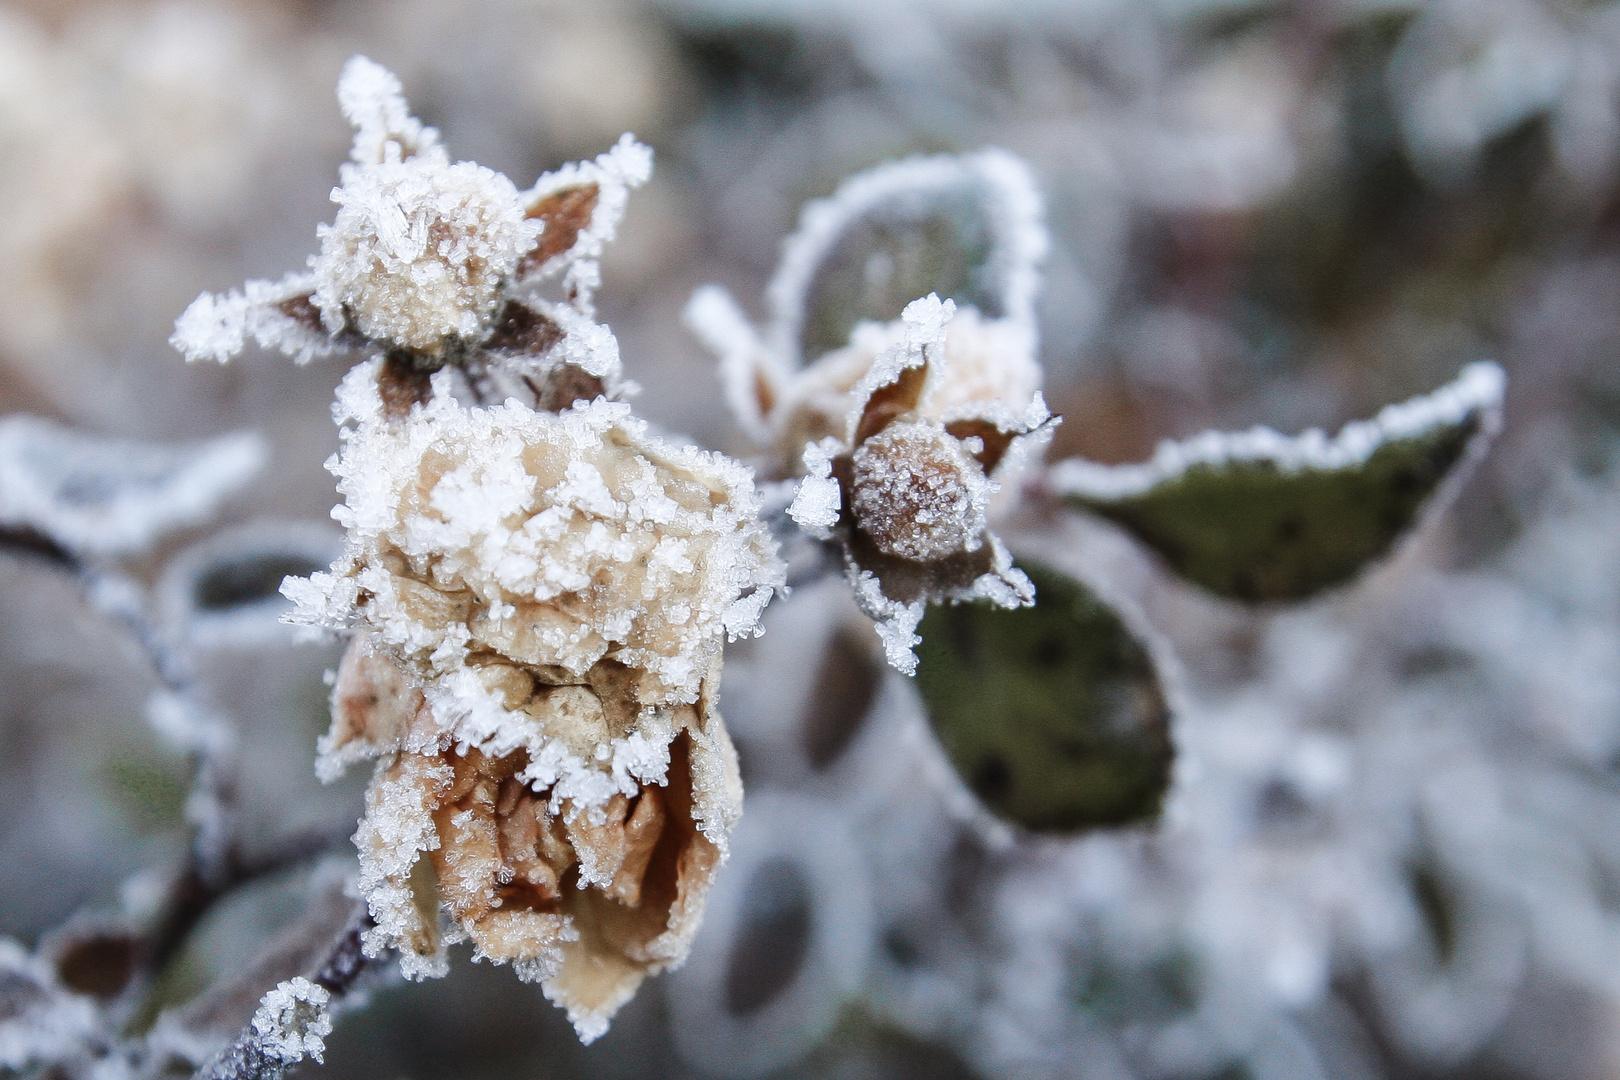 eisblumen foto bild pflanzen pilze flechten pflanzen im winter schnee bilder auf. Black Bedroom Furniture Sets. Home Design Ideas